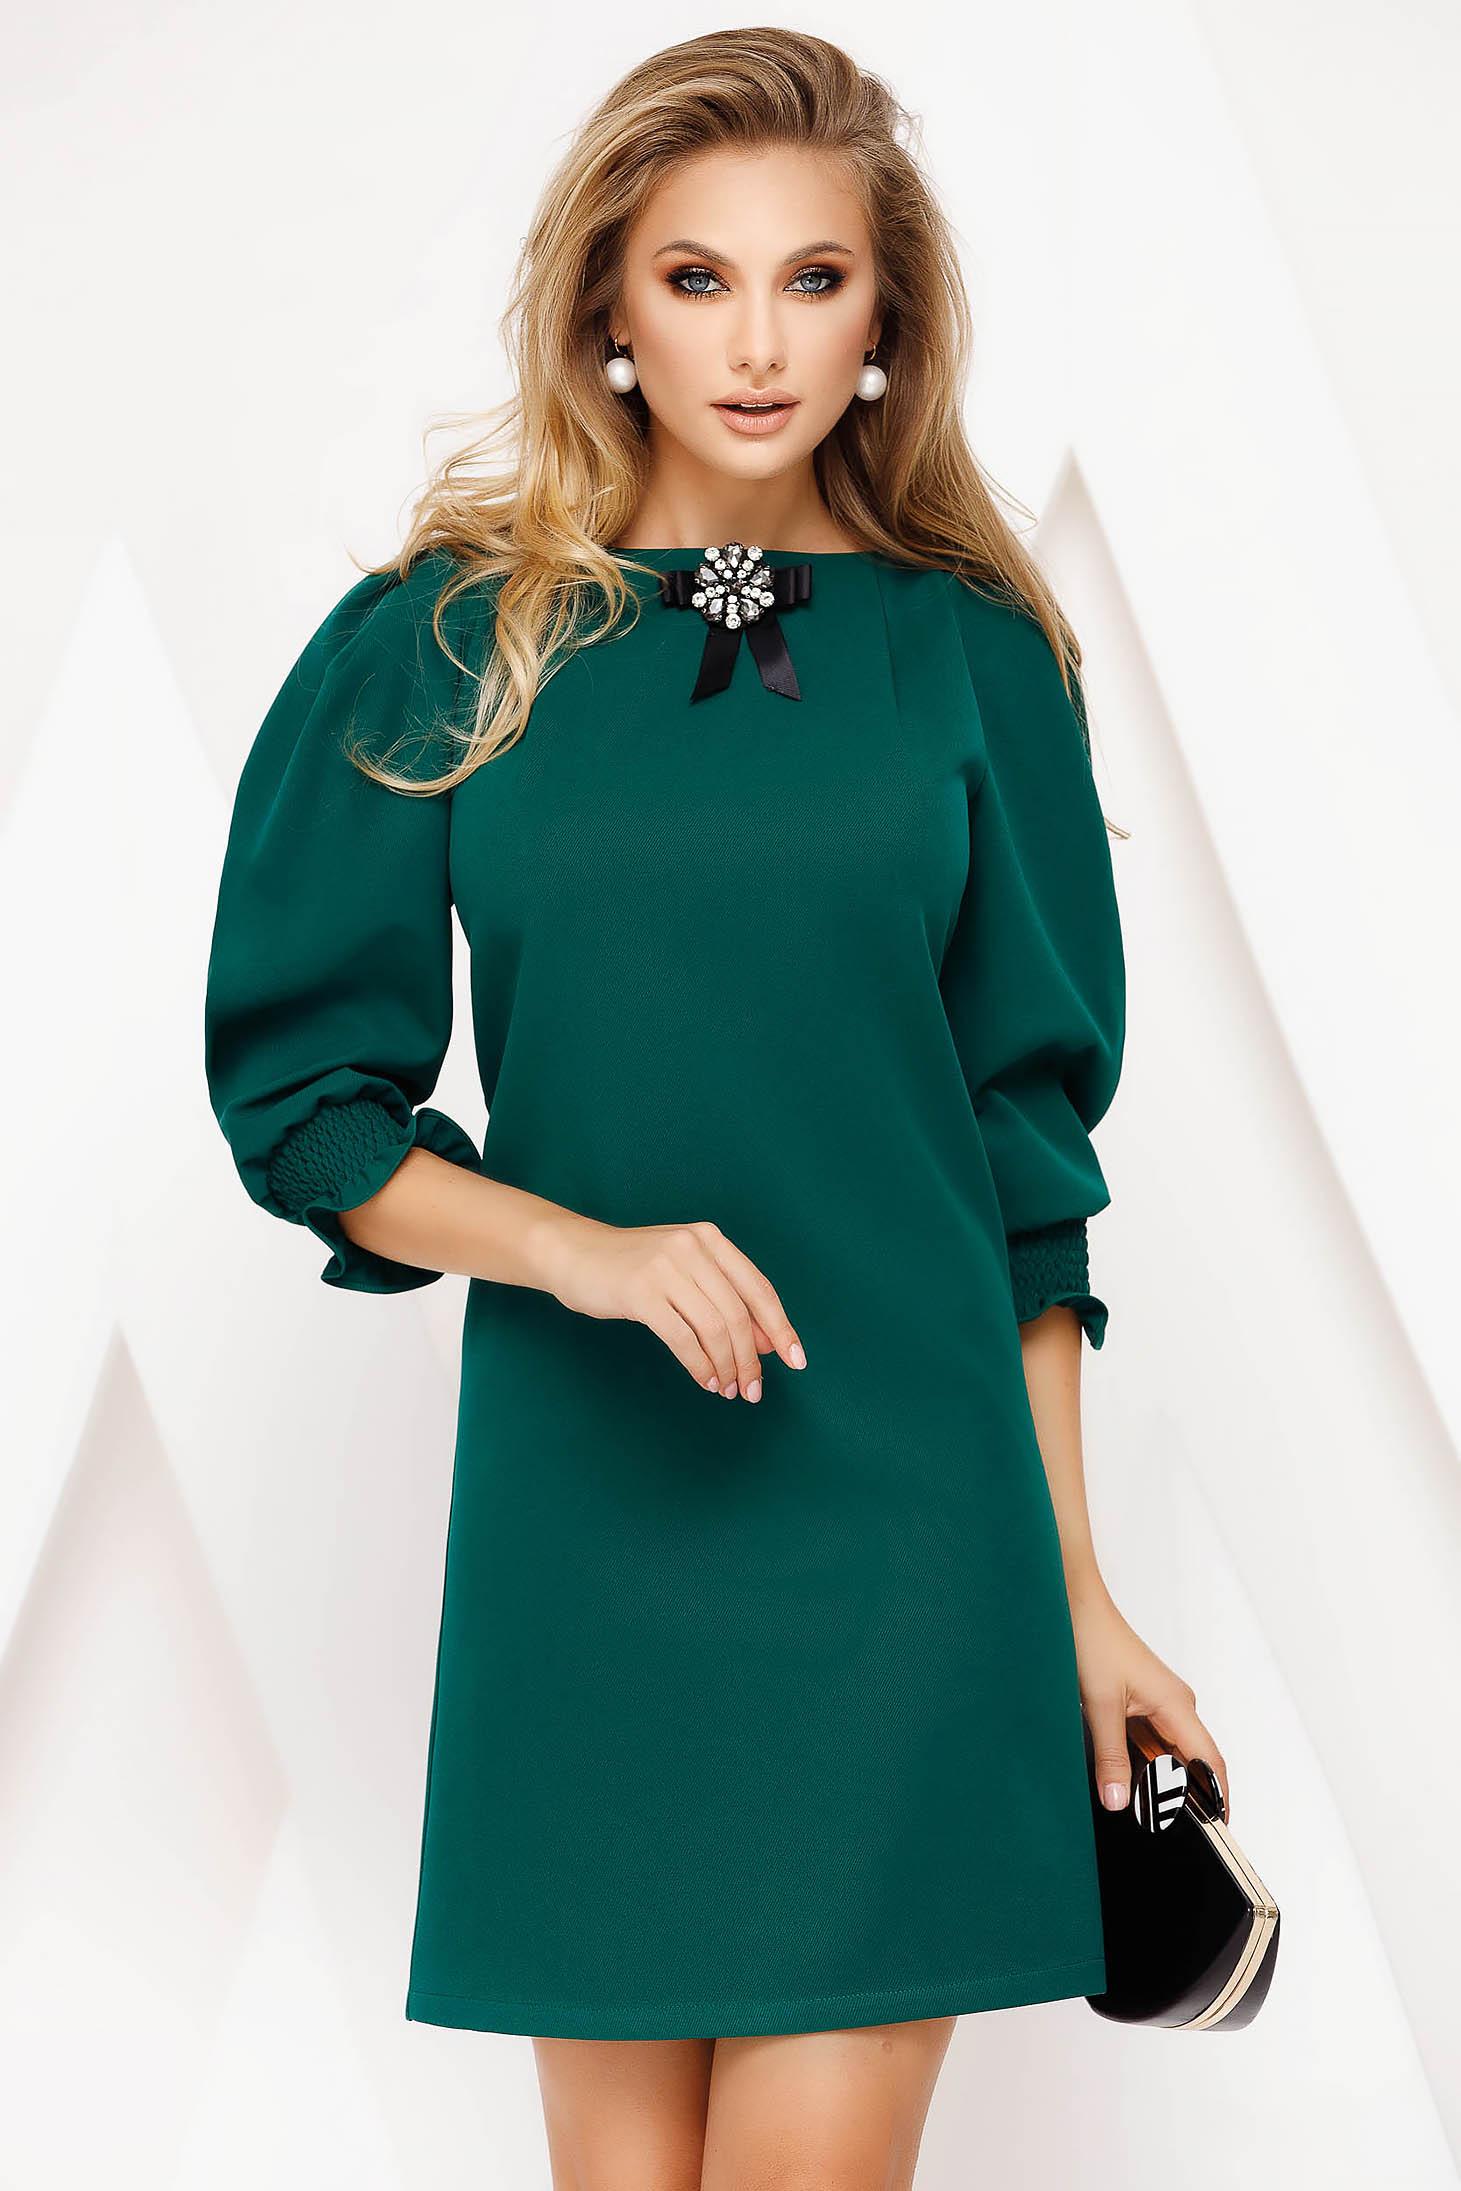 Rochie Fofy verde scurta eleganta cu un croi drept din material subtire accesorizata cu brosa